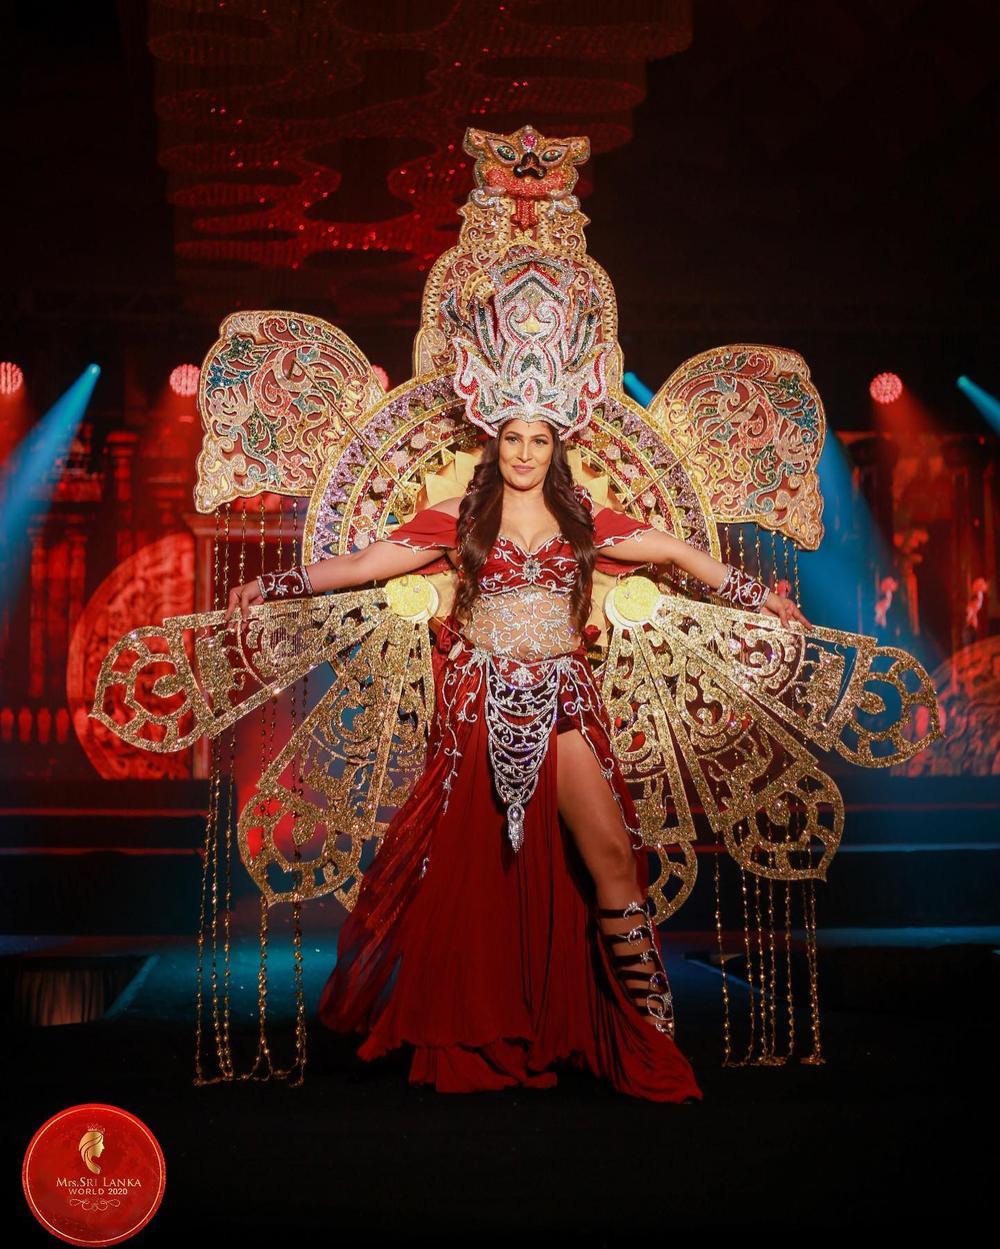 Mới đăng quang hoa hậu, quý bà Sri Lanka bị giật vương miện trên sân khấu, chấn thương phải nhập viện Ảnh 6